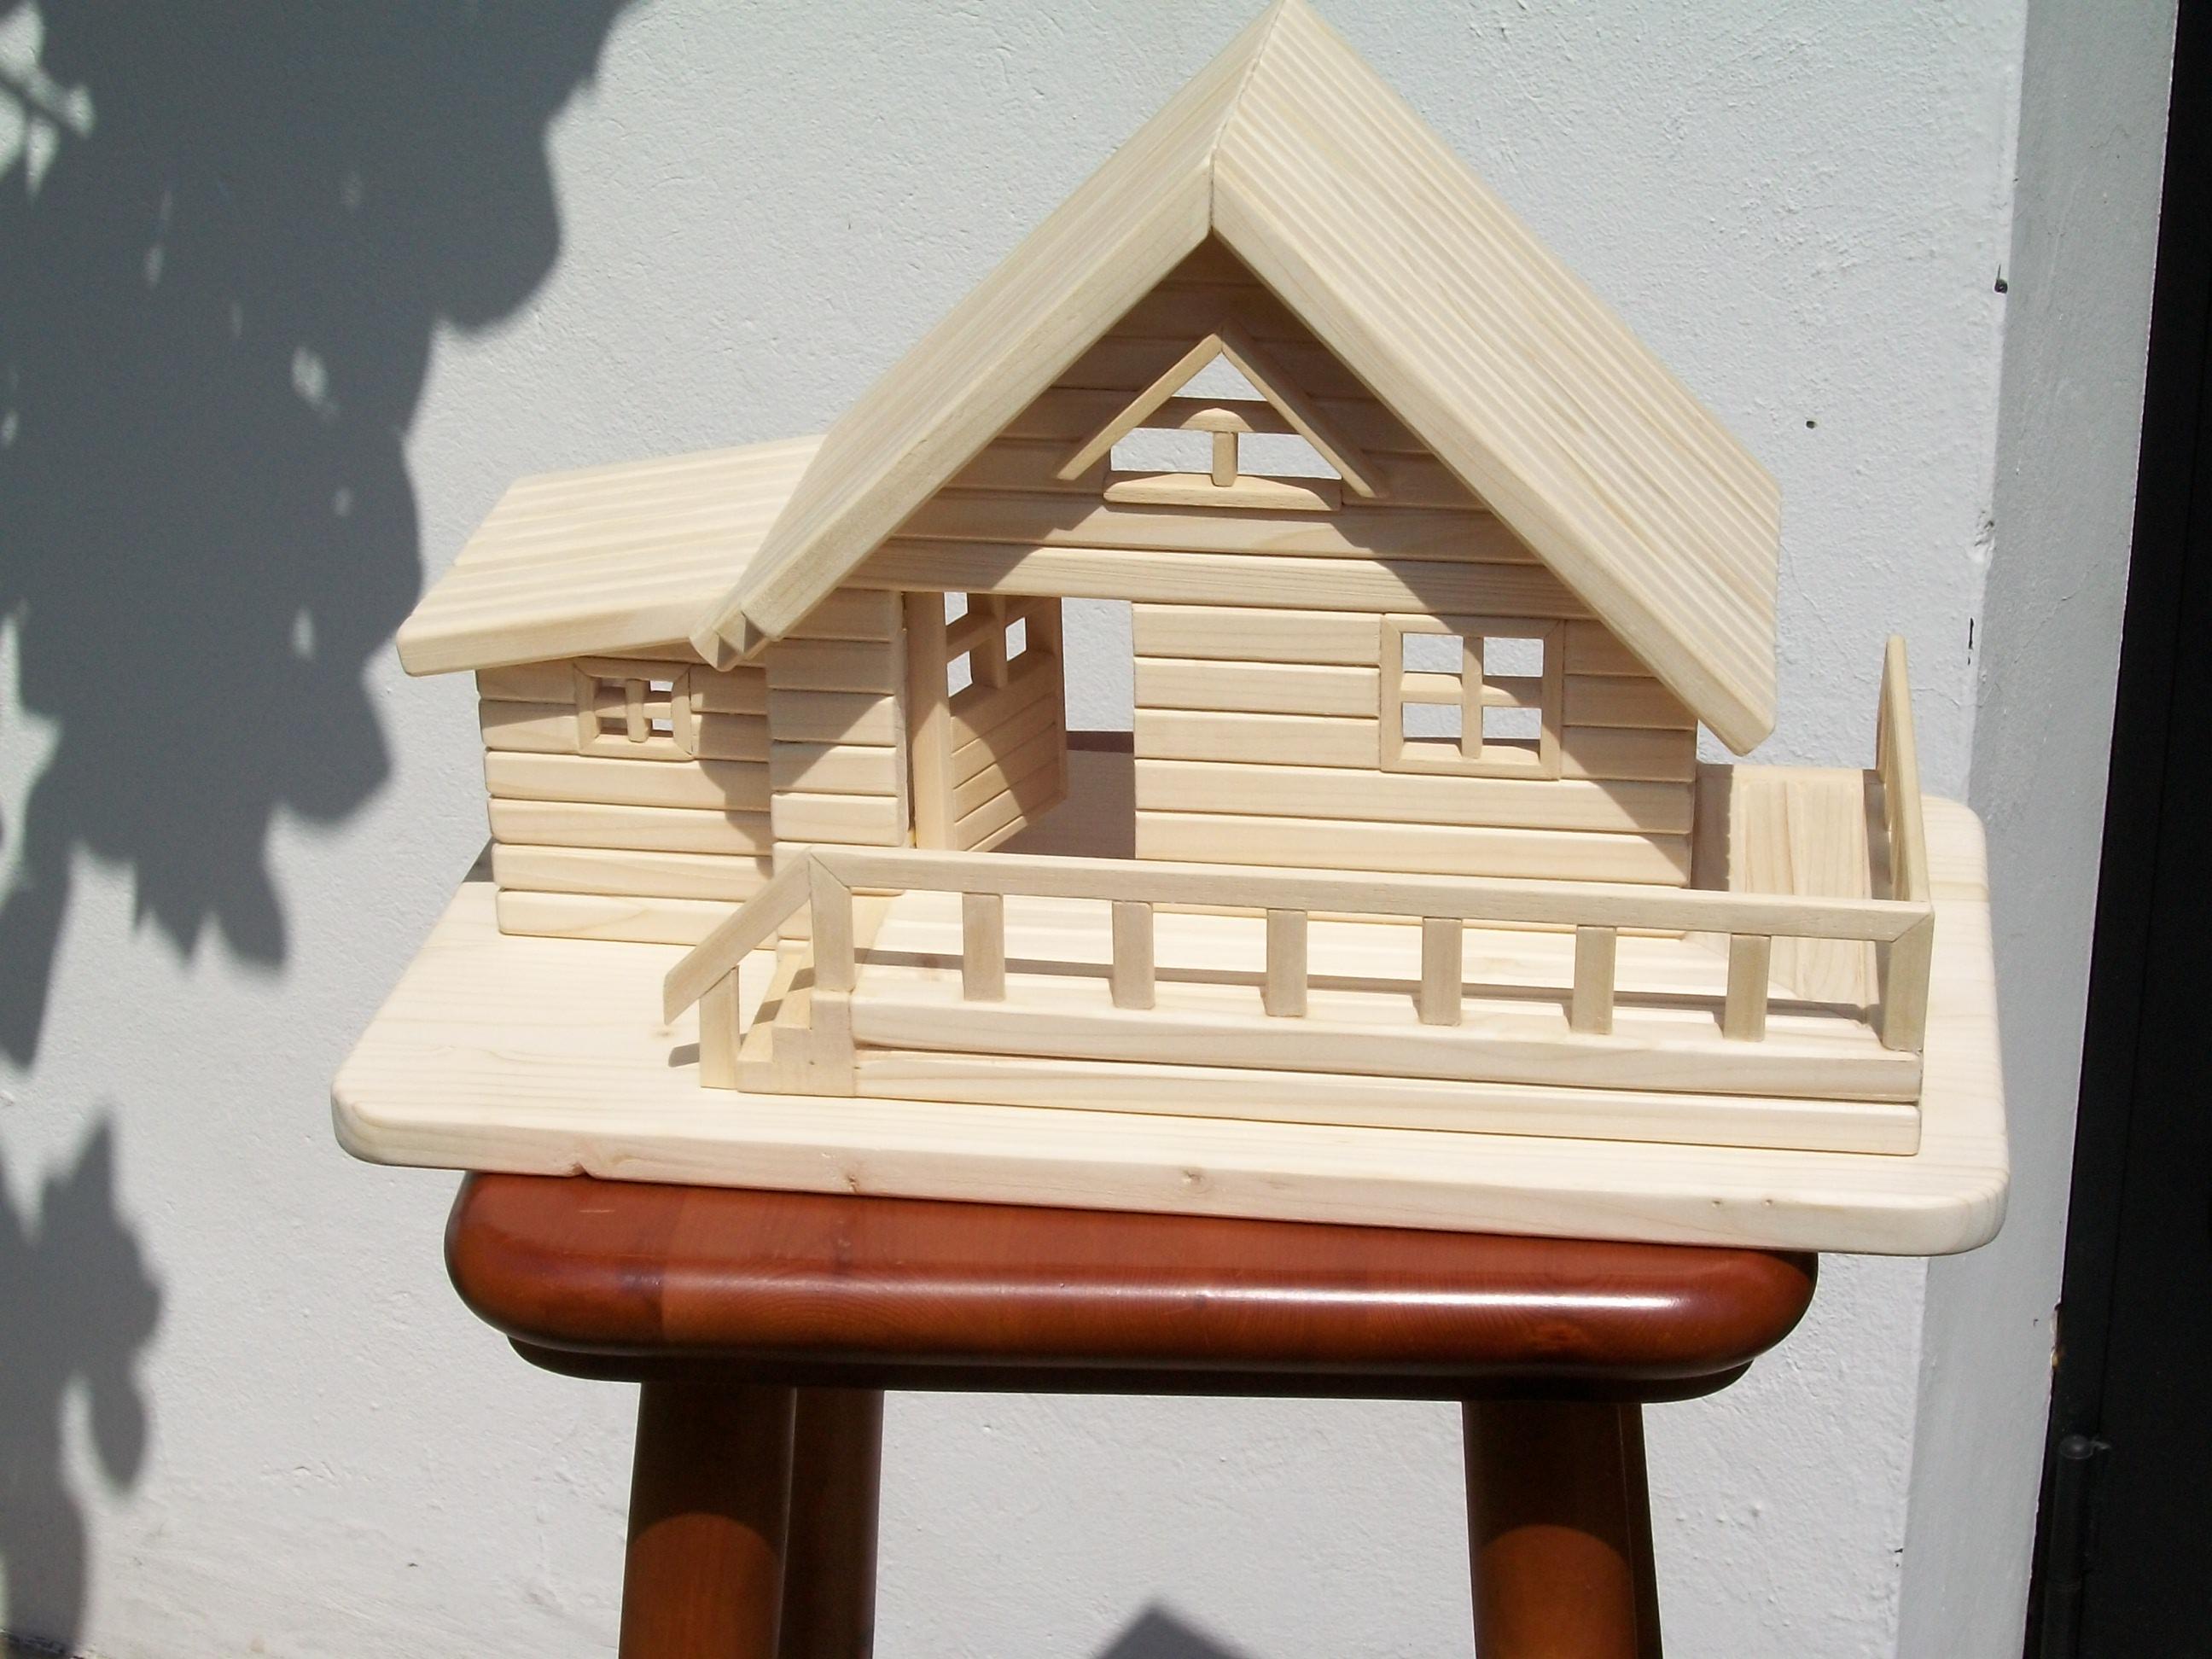 Oggetti in legno fai da te by silvano capanna con - Decorazioni natalizie legno fai da te ...